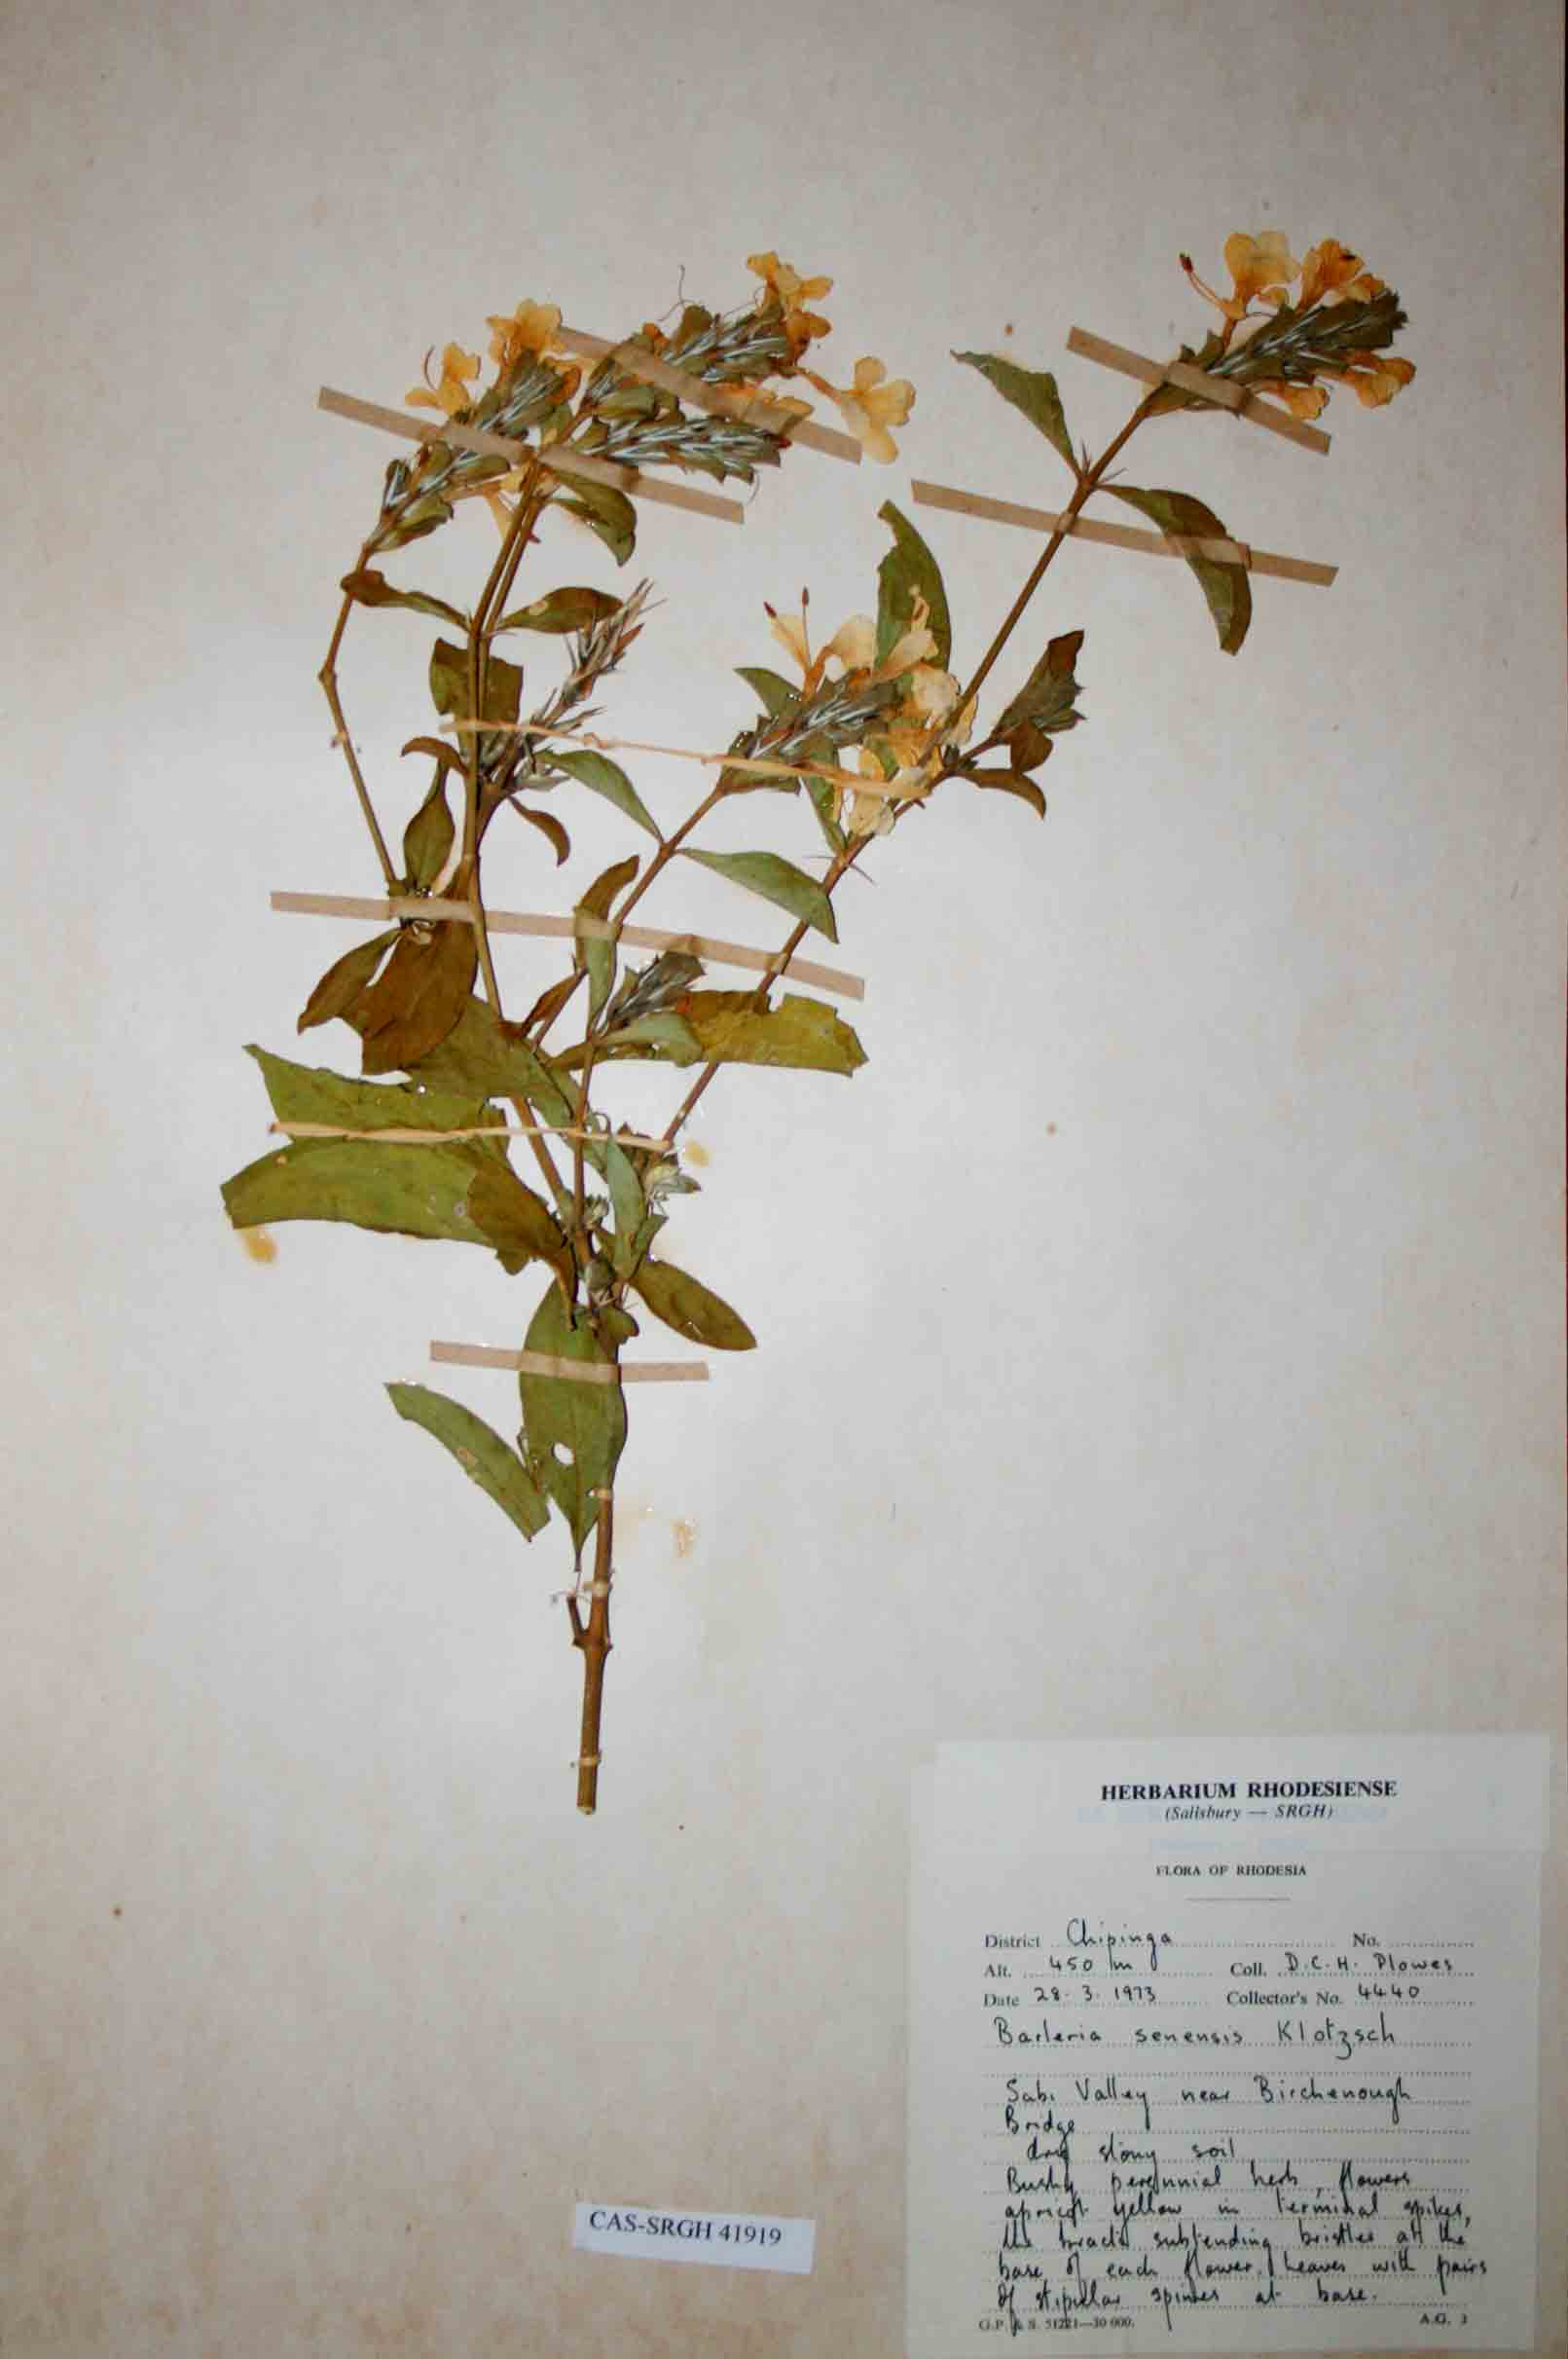 Barleria senensis